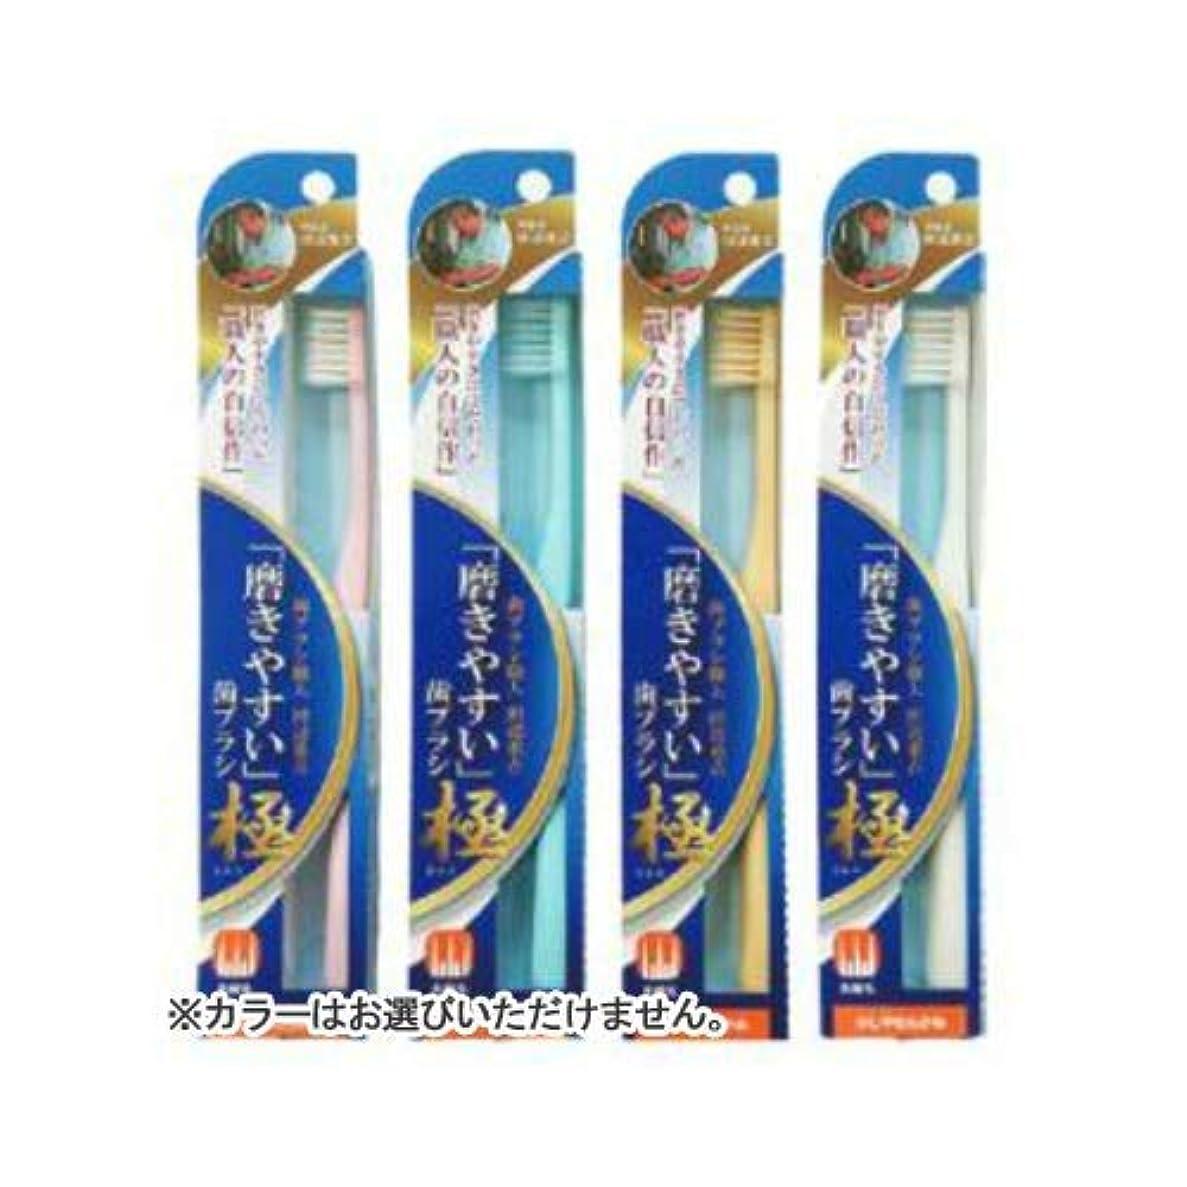 非アクティブ熱心物理的にLT-43磨きやすい歯ブラシ極 少しやわらかめ × 12個セット